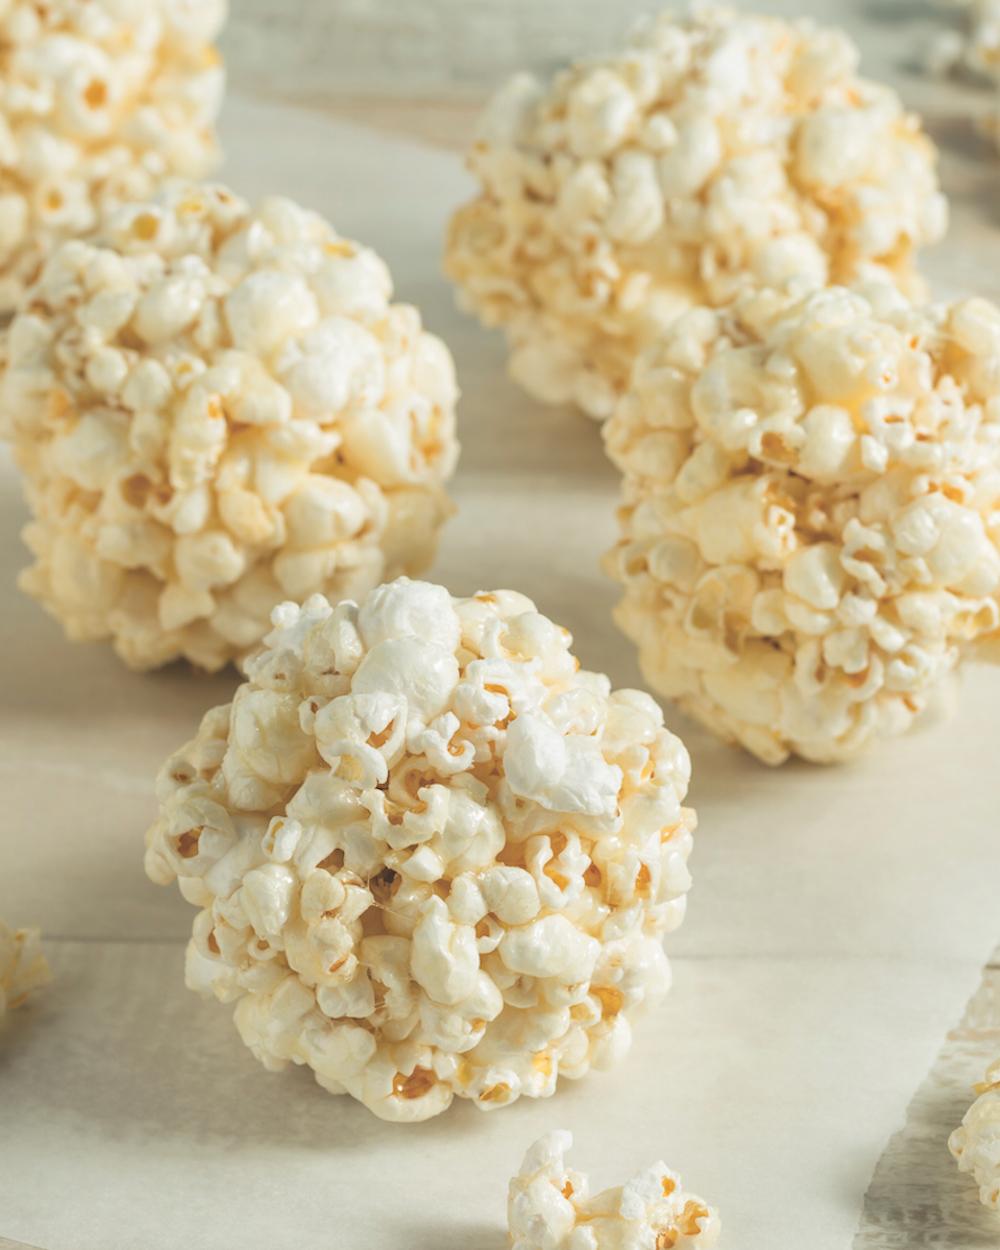 Delicious Homemade Popcorn Balls